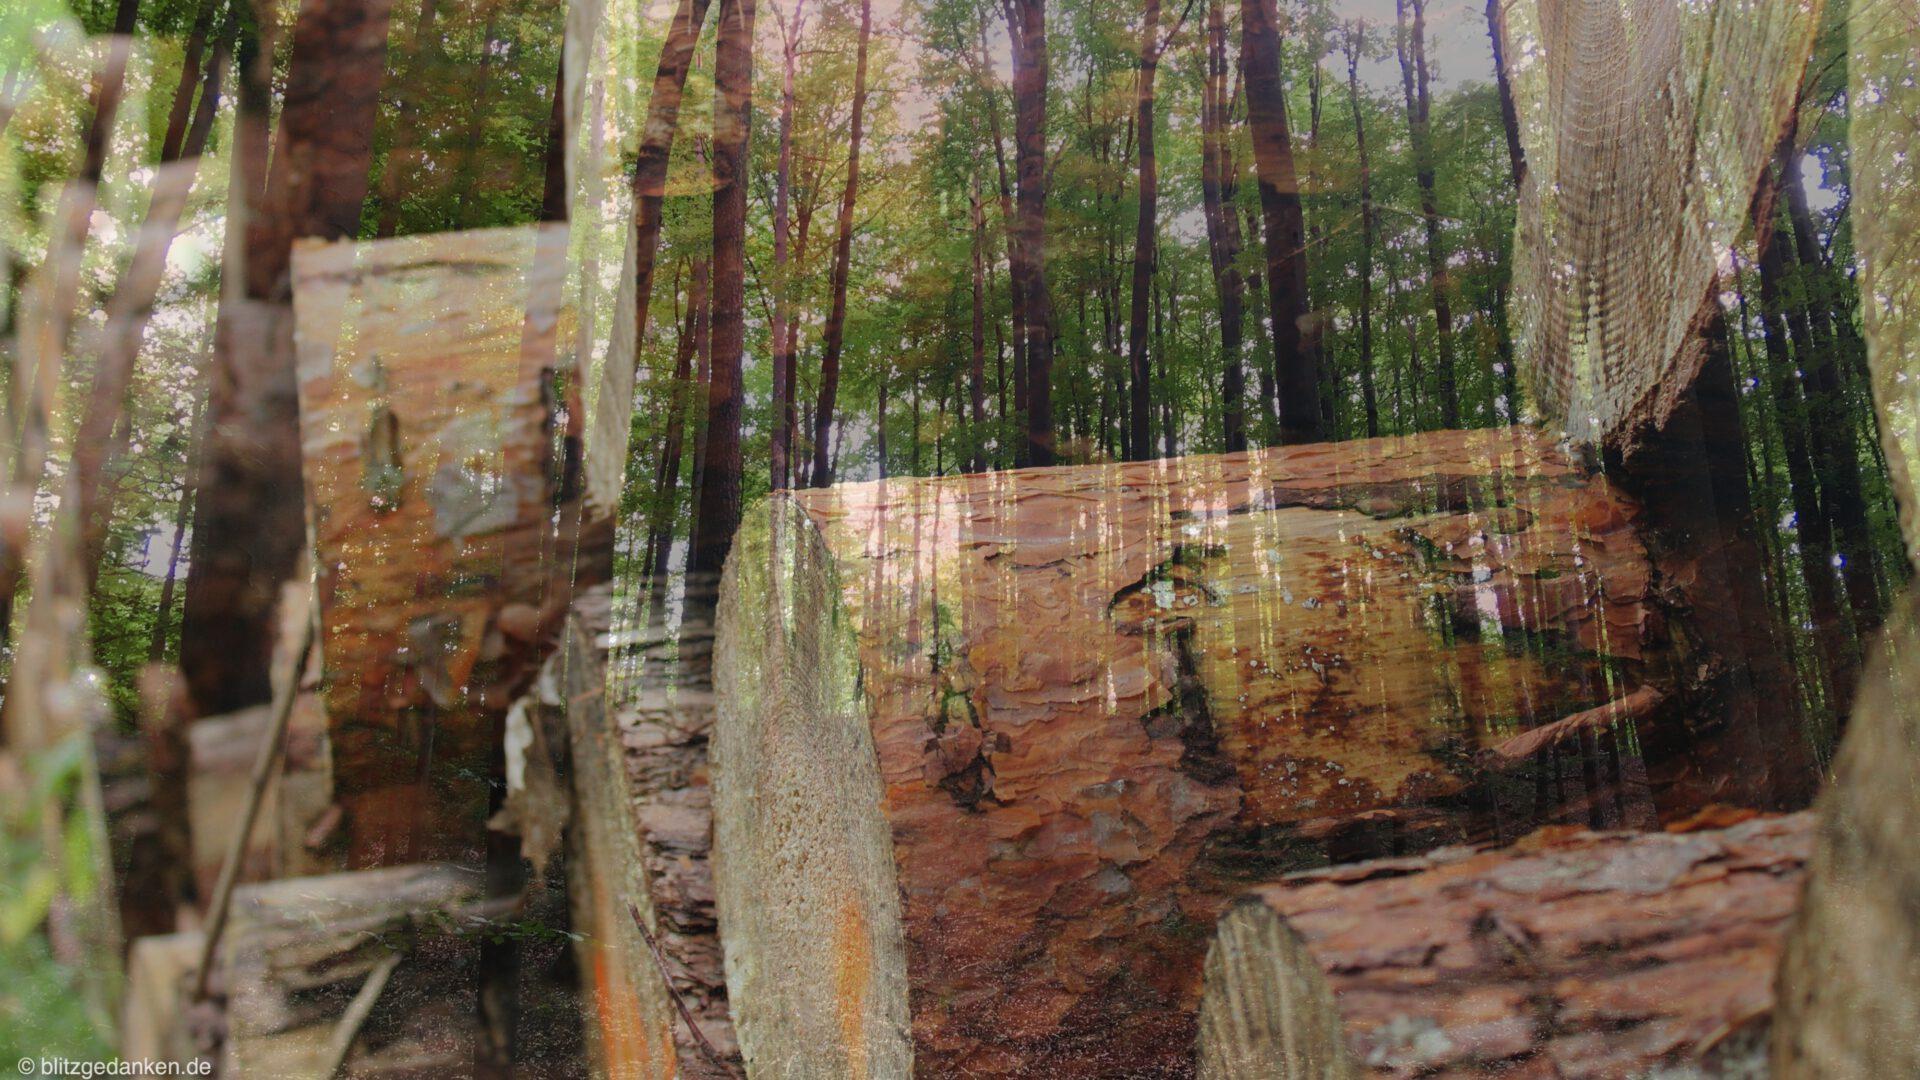 Schrödinger's forest